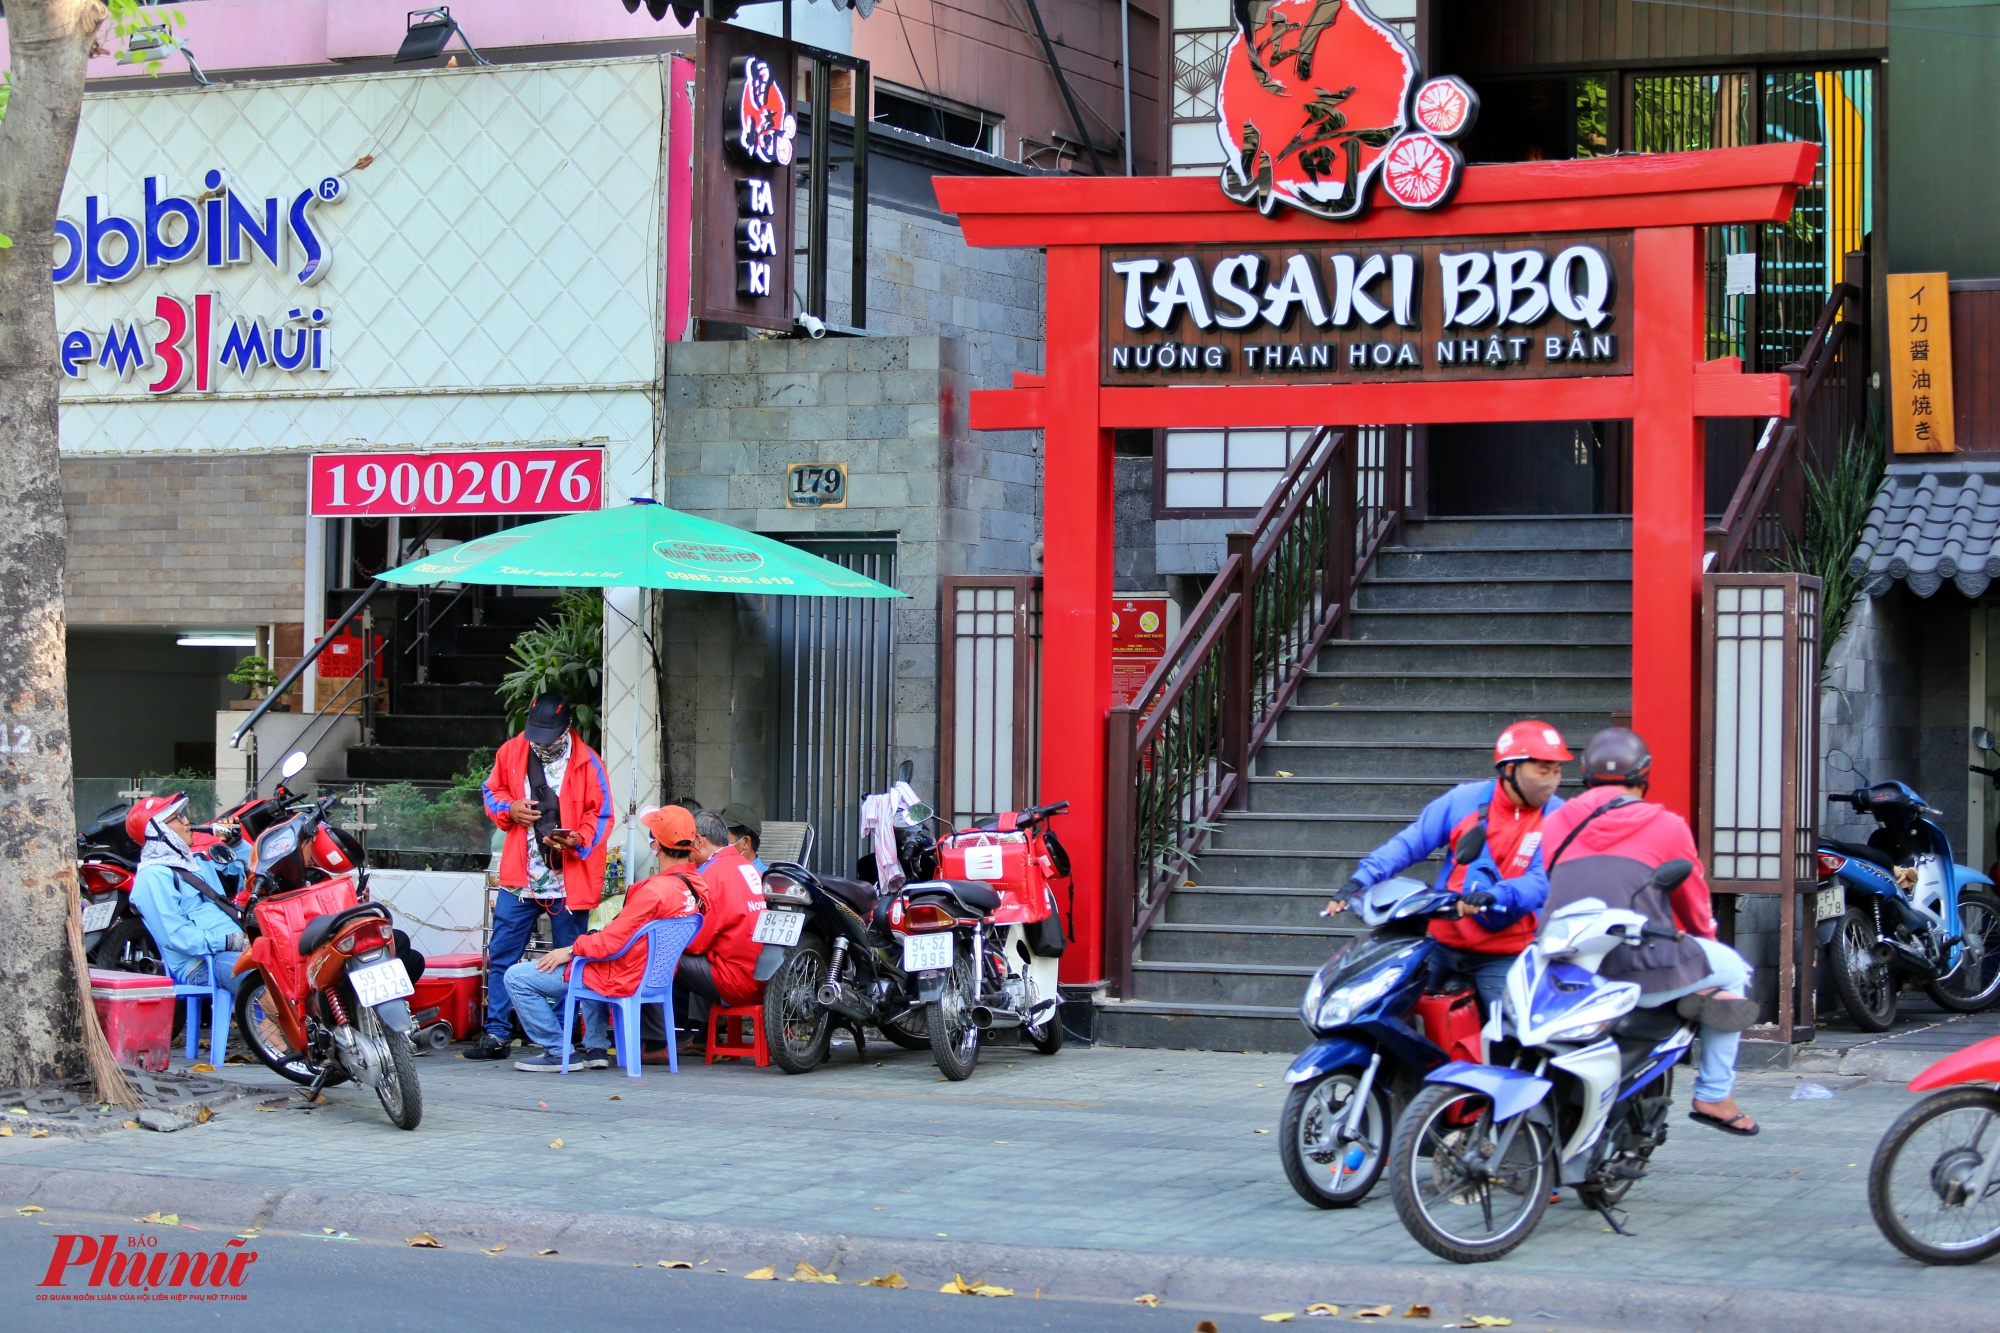 Trong khi đó, nhiều nhân viên của GoViet, Now đang nghỉ ngơi chờ đơn hàng của khách trên đường Phan  Xích Long, quận Phú Nhuận